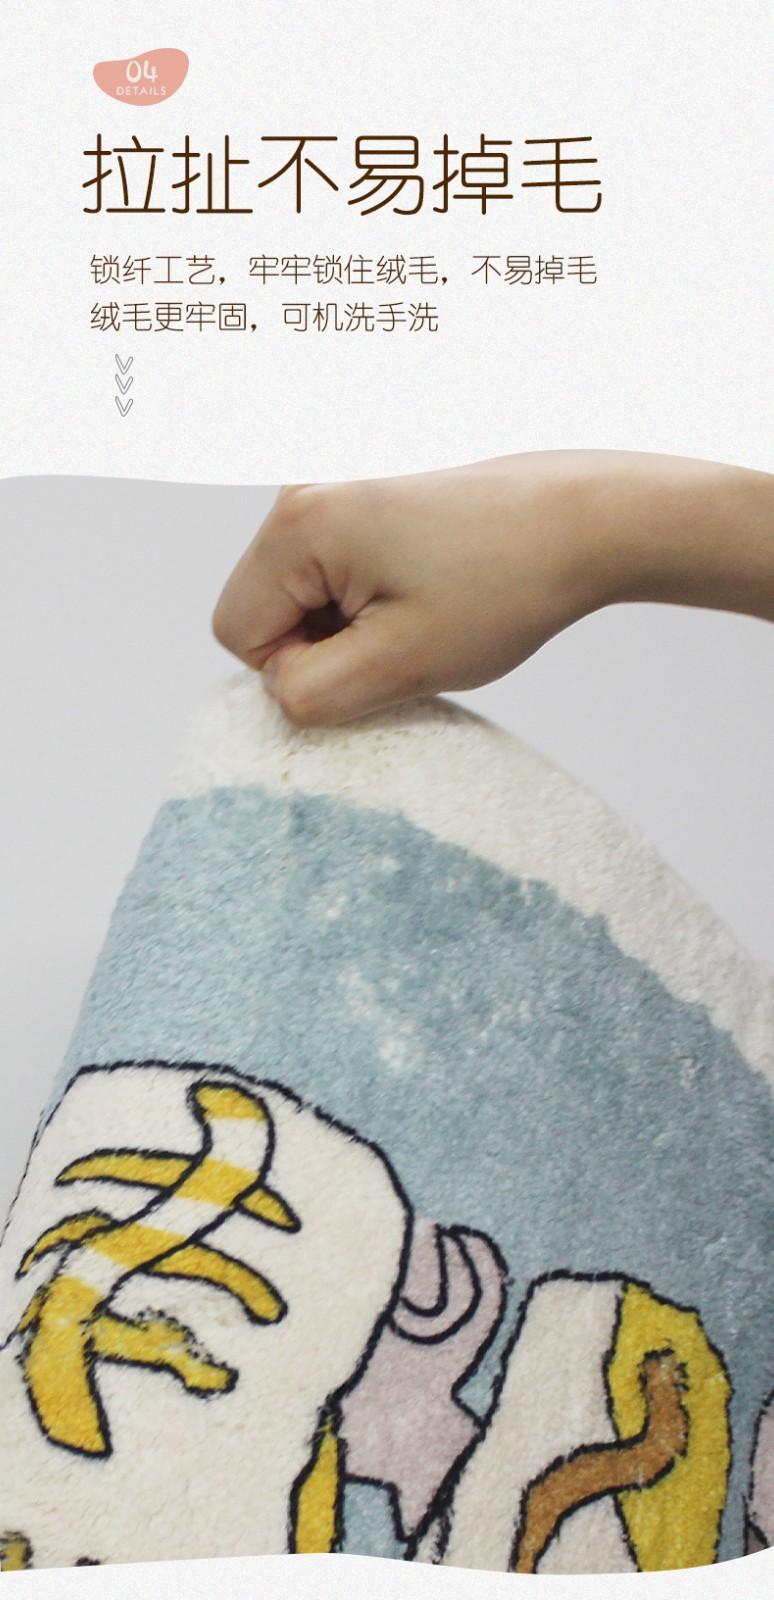 88870-慧希仿羊绒吸水地垫浴室卫生间防滑脚垫子入户门进门防潮门口家用门垫 蓝色鲸鱼(升级加厚款-仿羊绒) 40*60cm-详情图